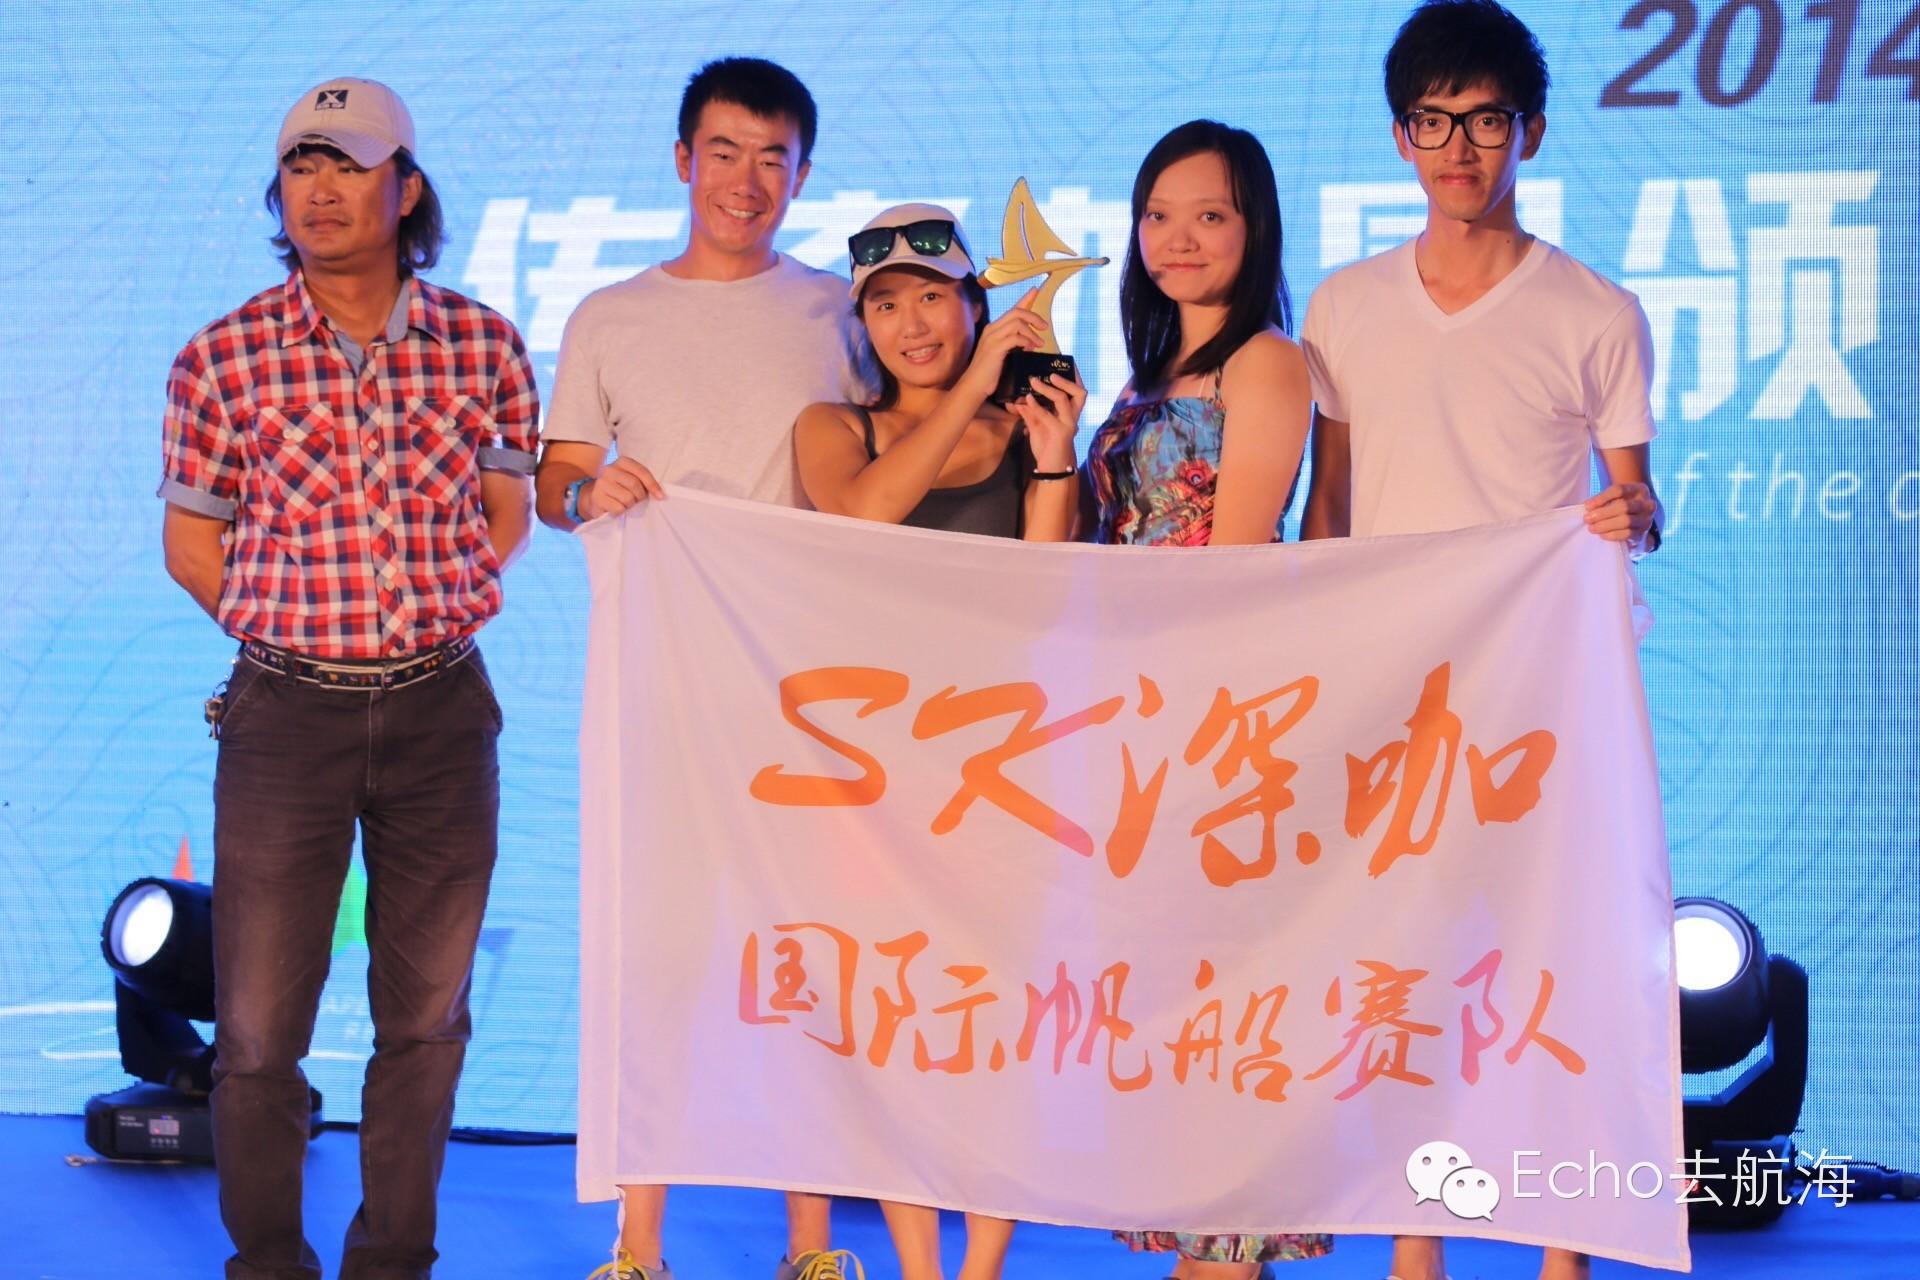 深圳女孩辞职看世界参加克利伯环球帆船赛 026655428abb0be32c994e4942761024.jpg